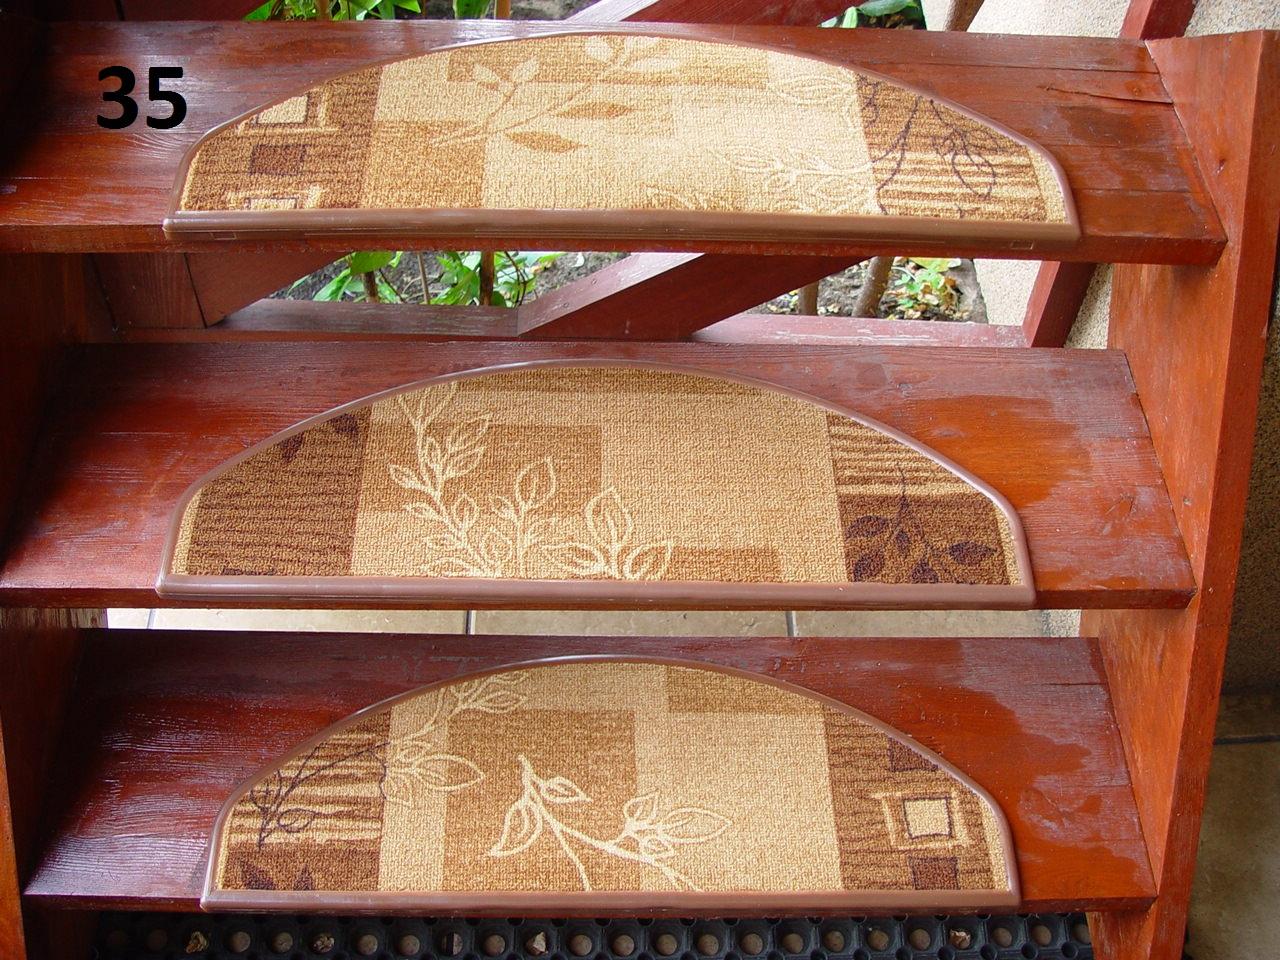 Propagácia 3 ks. 2 36 Oklotniki Prekryje na schodisku